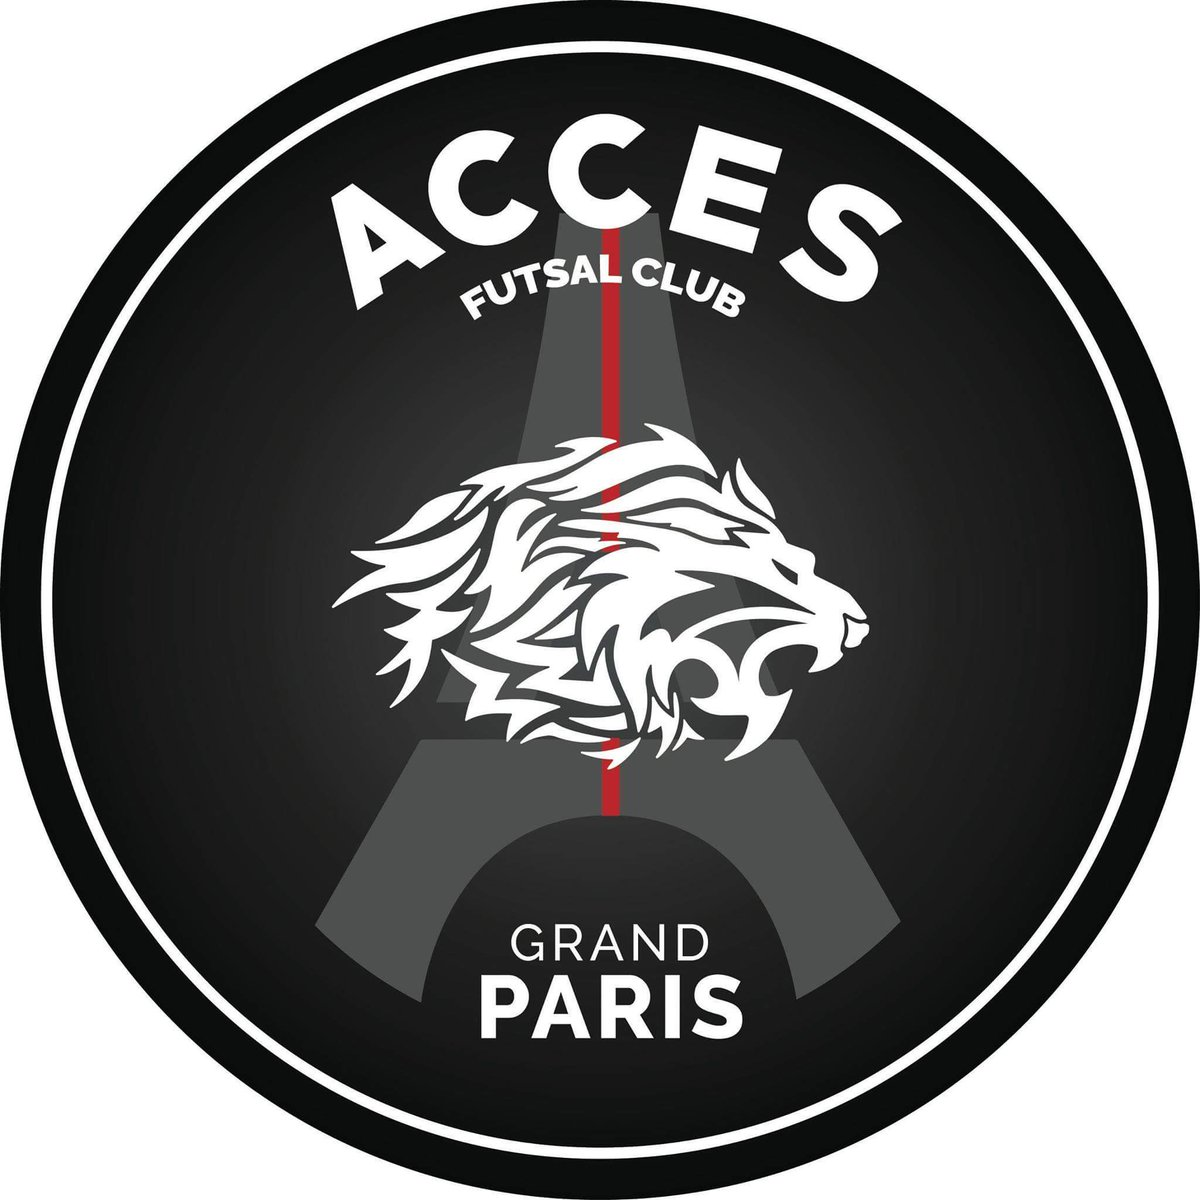 """ACCS FC - ASNIÈRES-VILLENEUVE 92 on Twitter: """"#NouvellePhotoDeProfil #NouveauLogo #ACCESFC… """""""